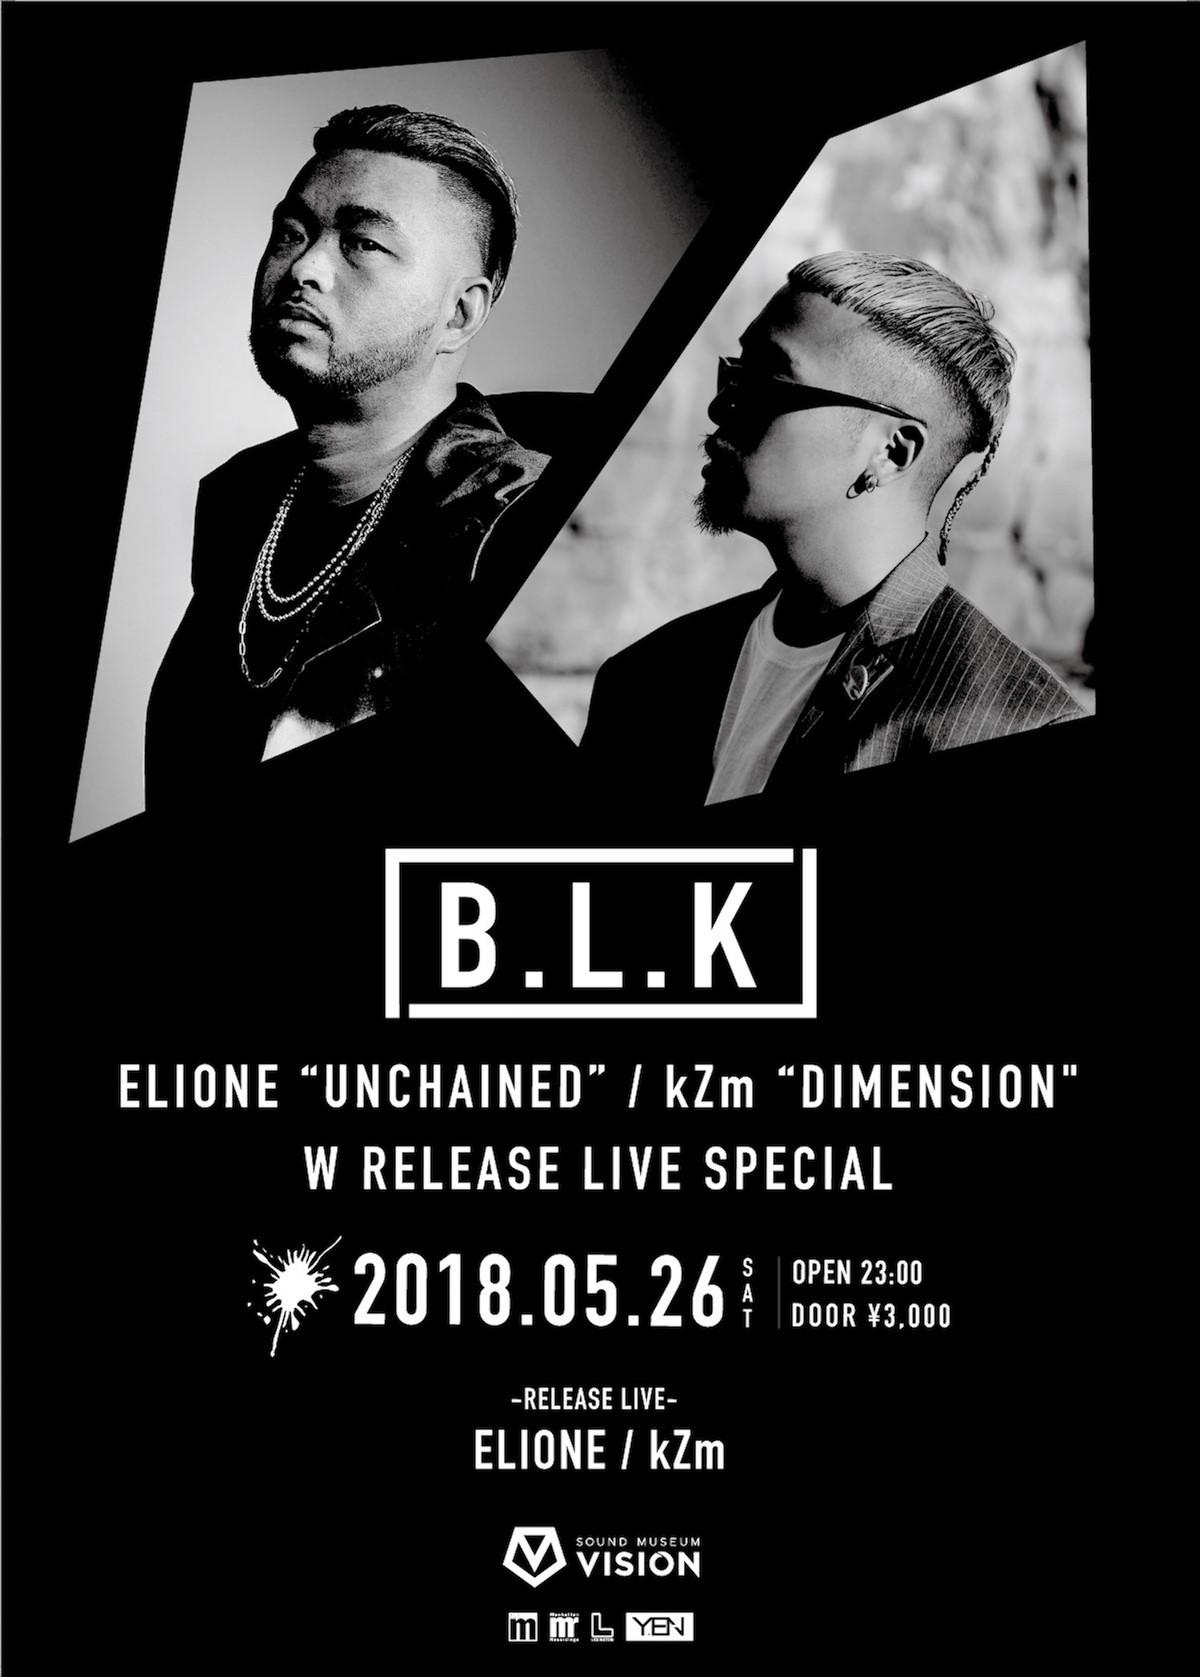 ELIONE、RYKEYが客演の新曲MVが公開!ビデオには難波サキと早川沙世が出演 music180502_elione_2